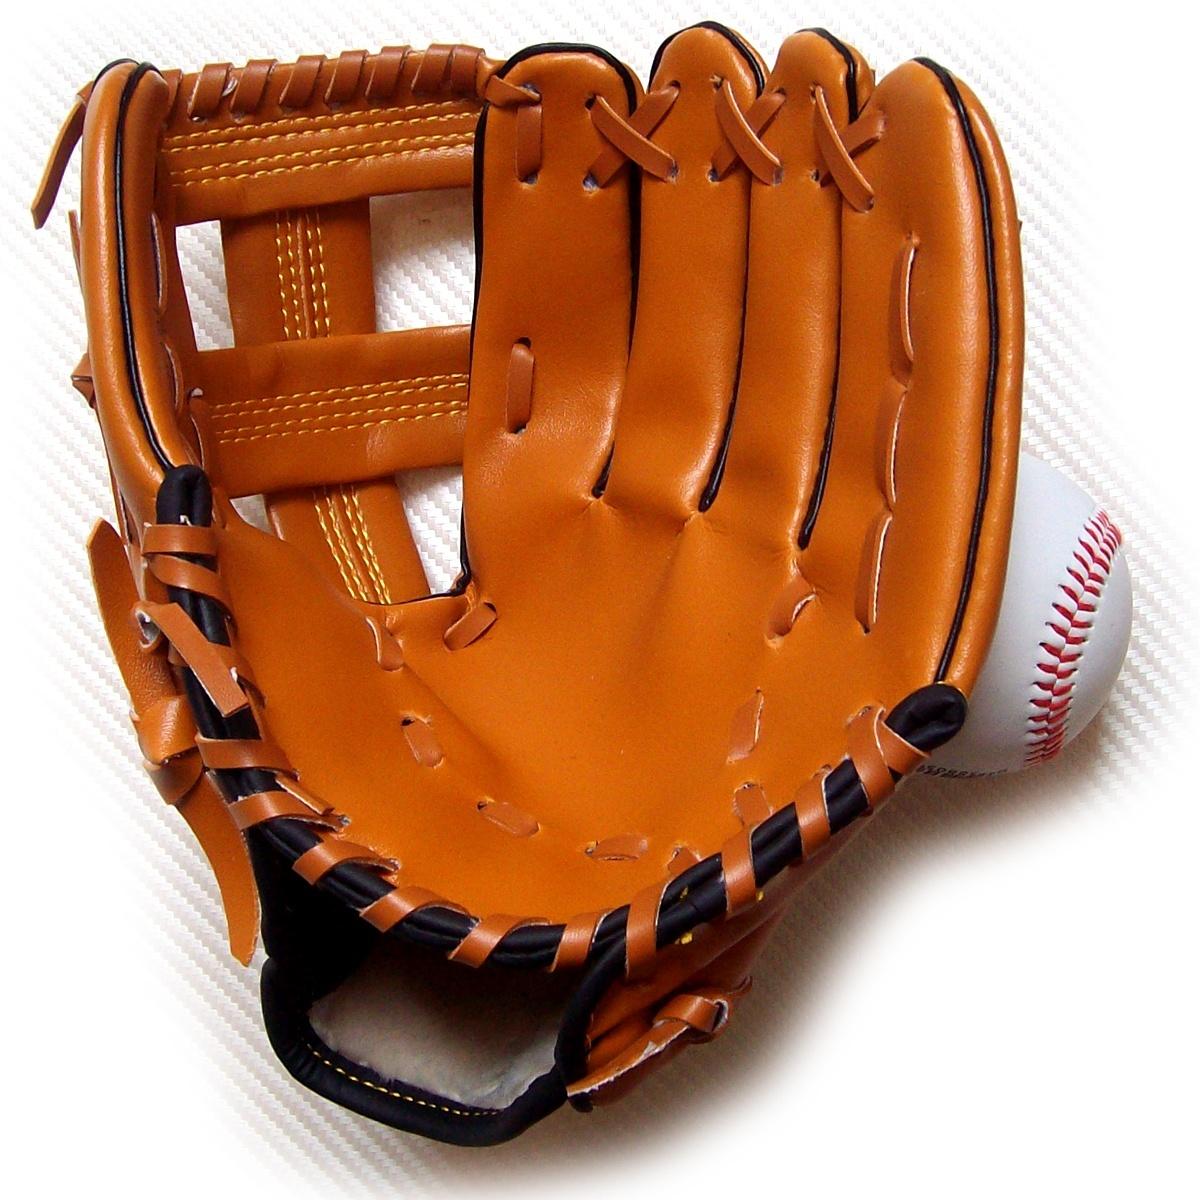 **/少年/儿童全款棒球手套 棕色外野手套投手手套加厚型 送棒球